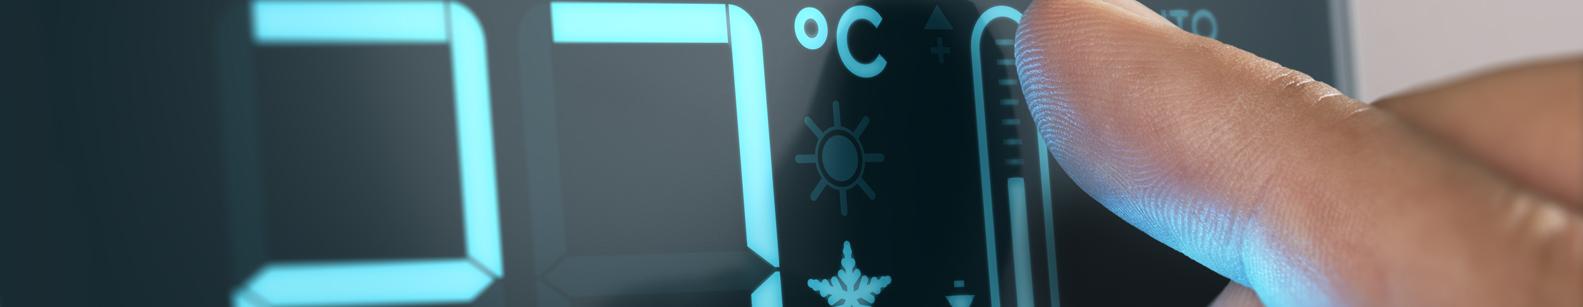 Priedai šildymo, vėdinimo, oro kondicionavimo įrangai